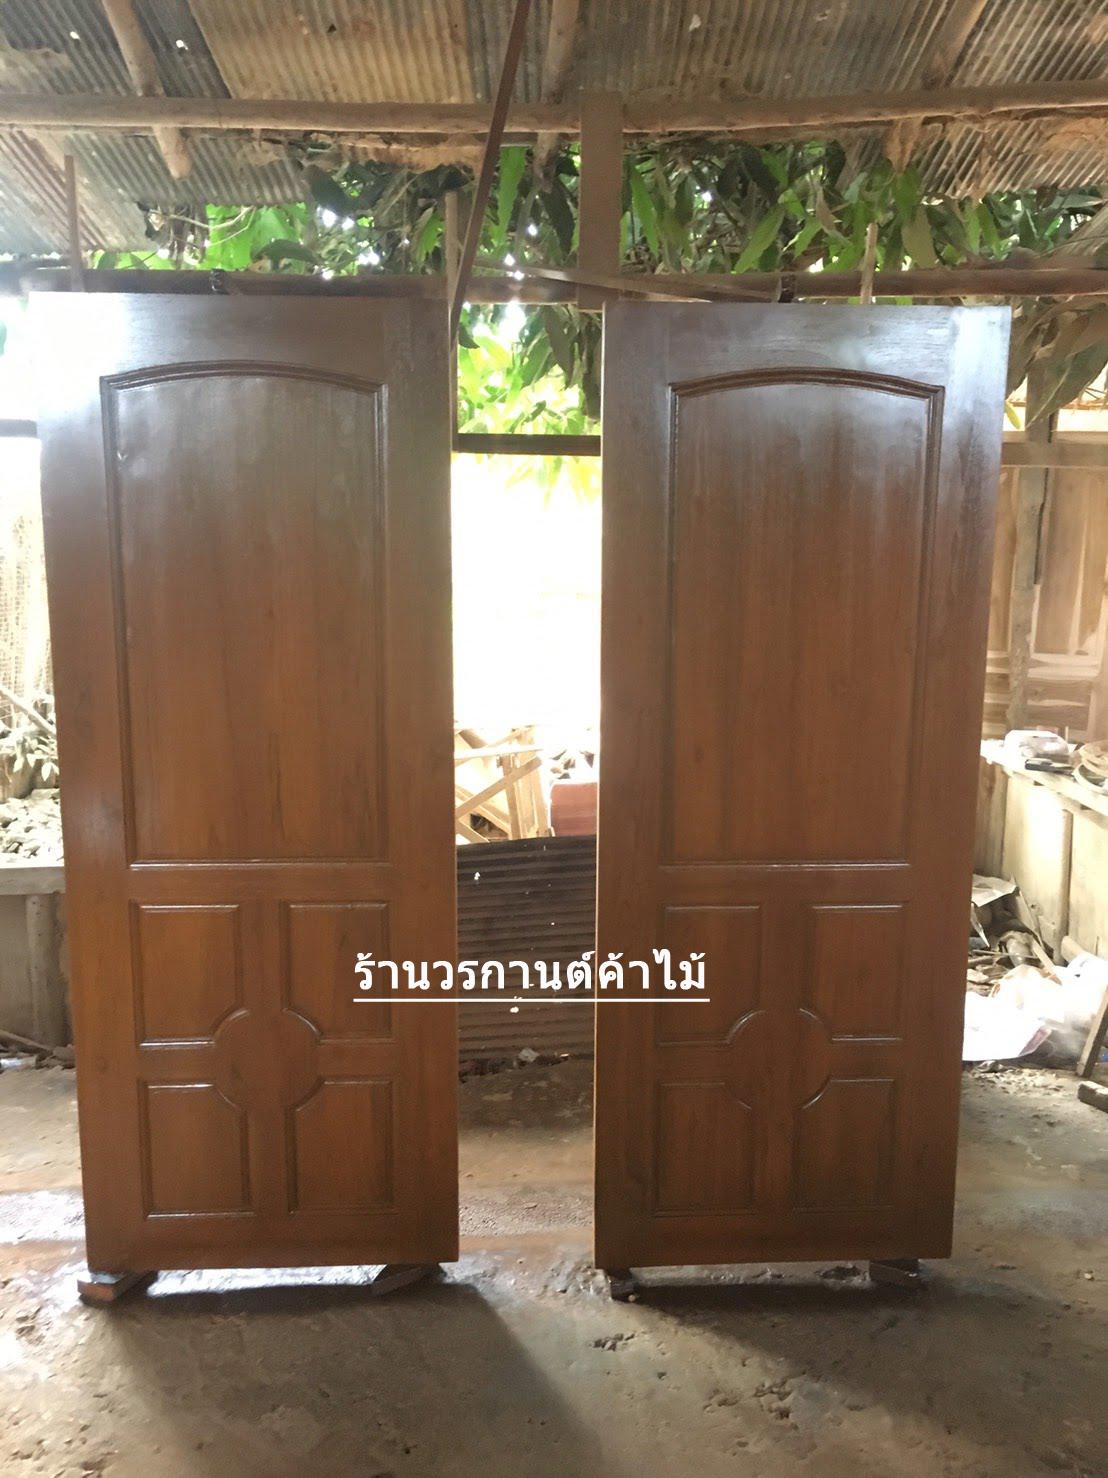 ประตูไม้สักบานเดี่ยว ลูกฟัก เกรดA, B+ รหัส C61